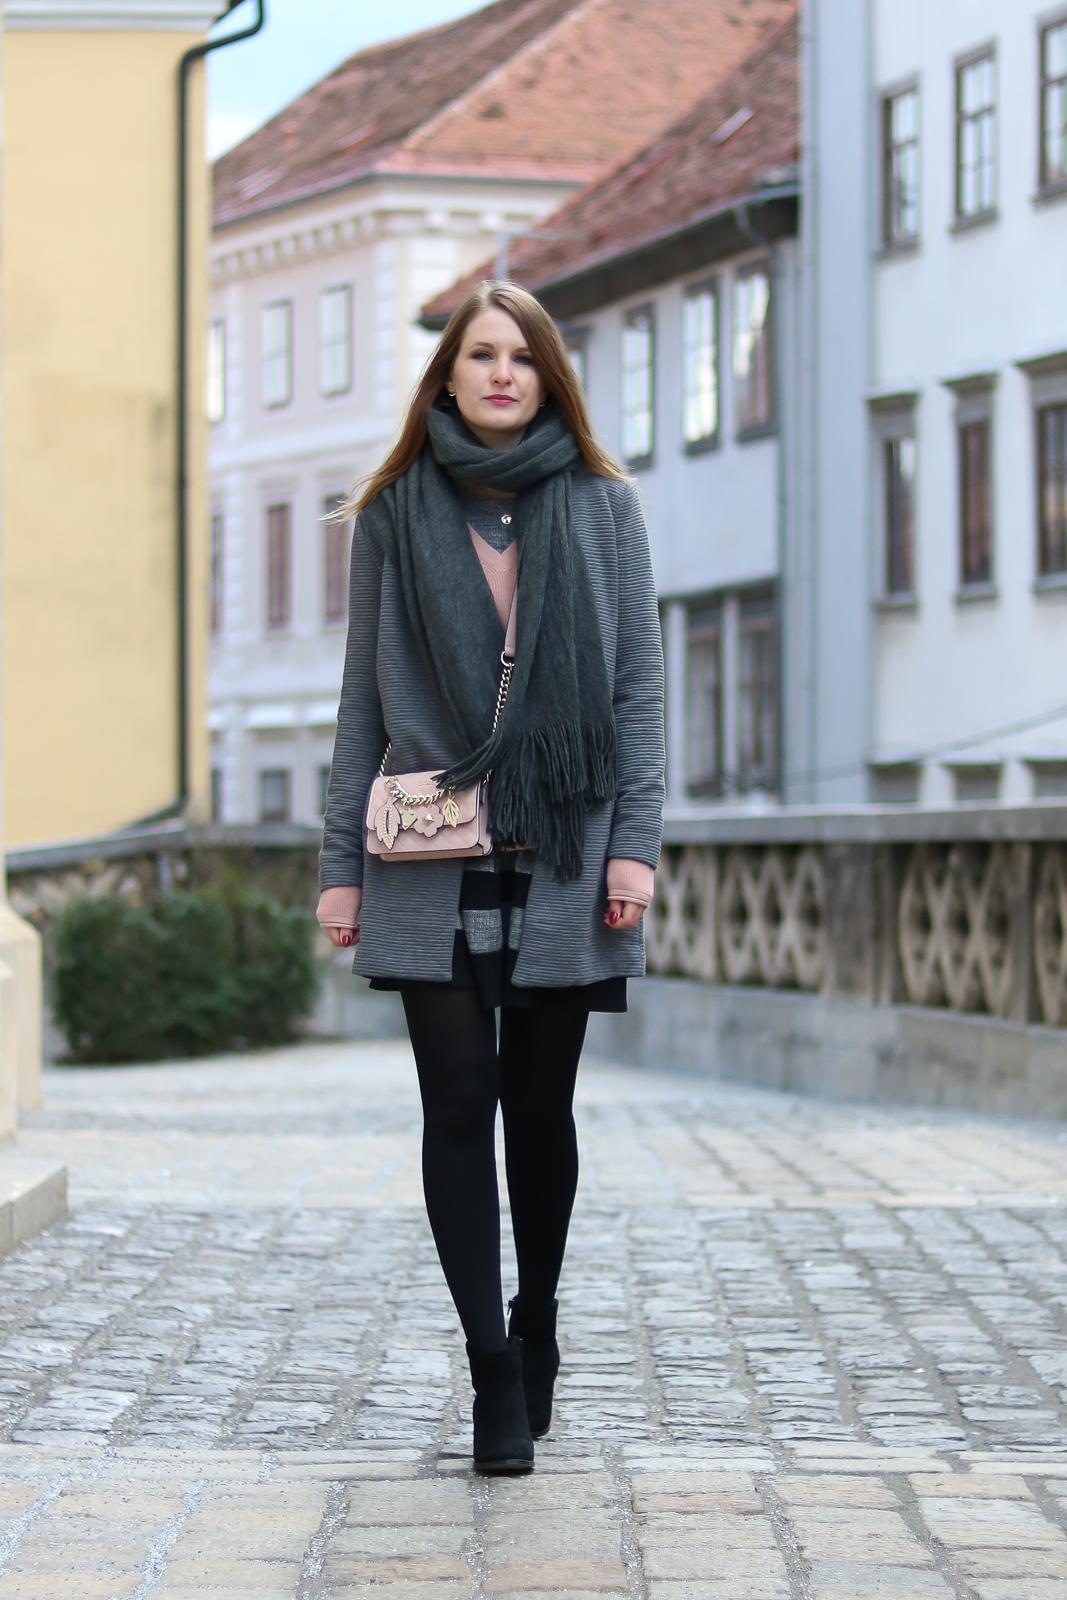 graues kleid outfit popul rer kleiderstandort fotoblog. Black Bedroom Furniture Sets. Home Design Ideas